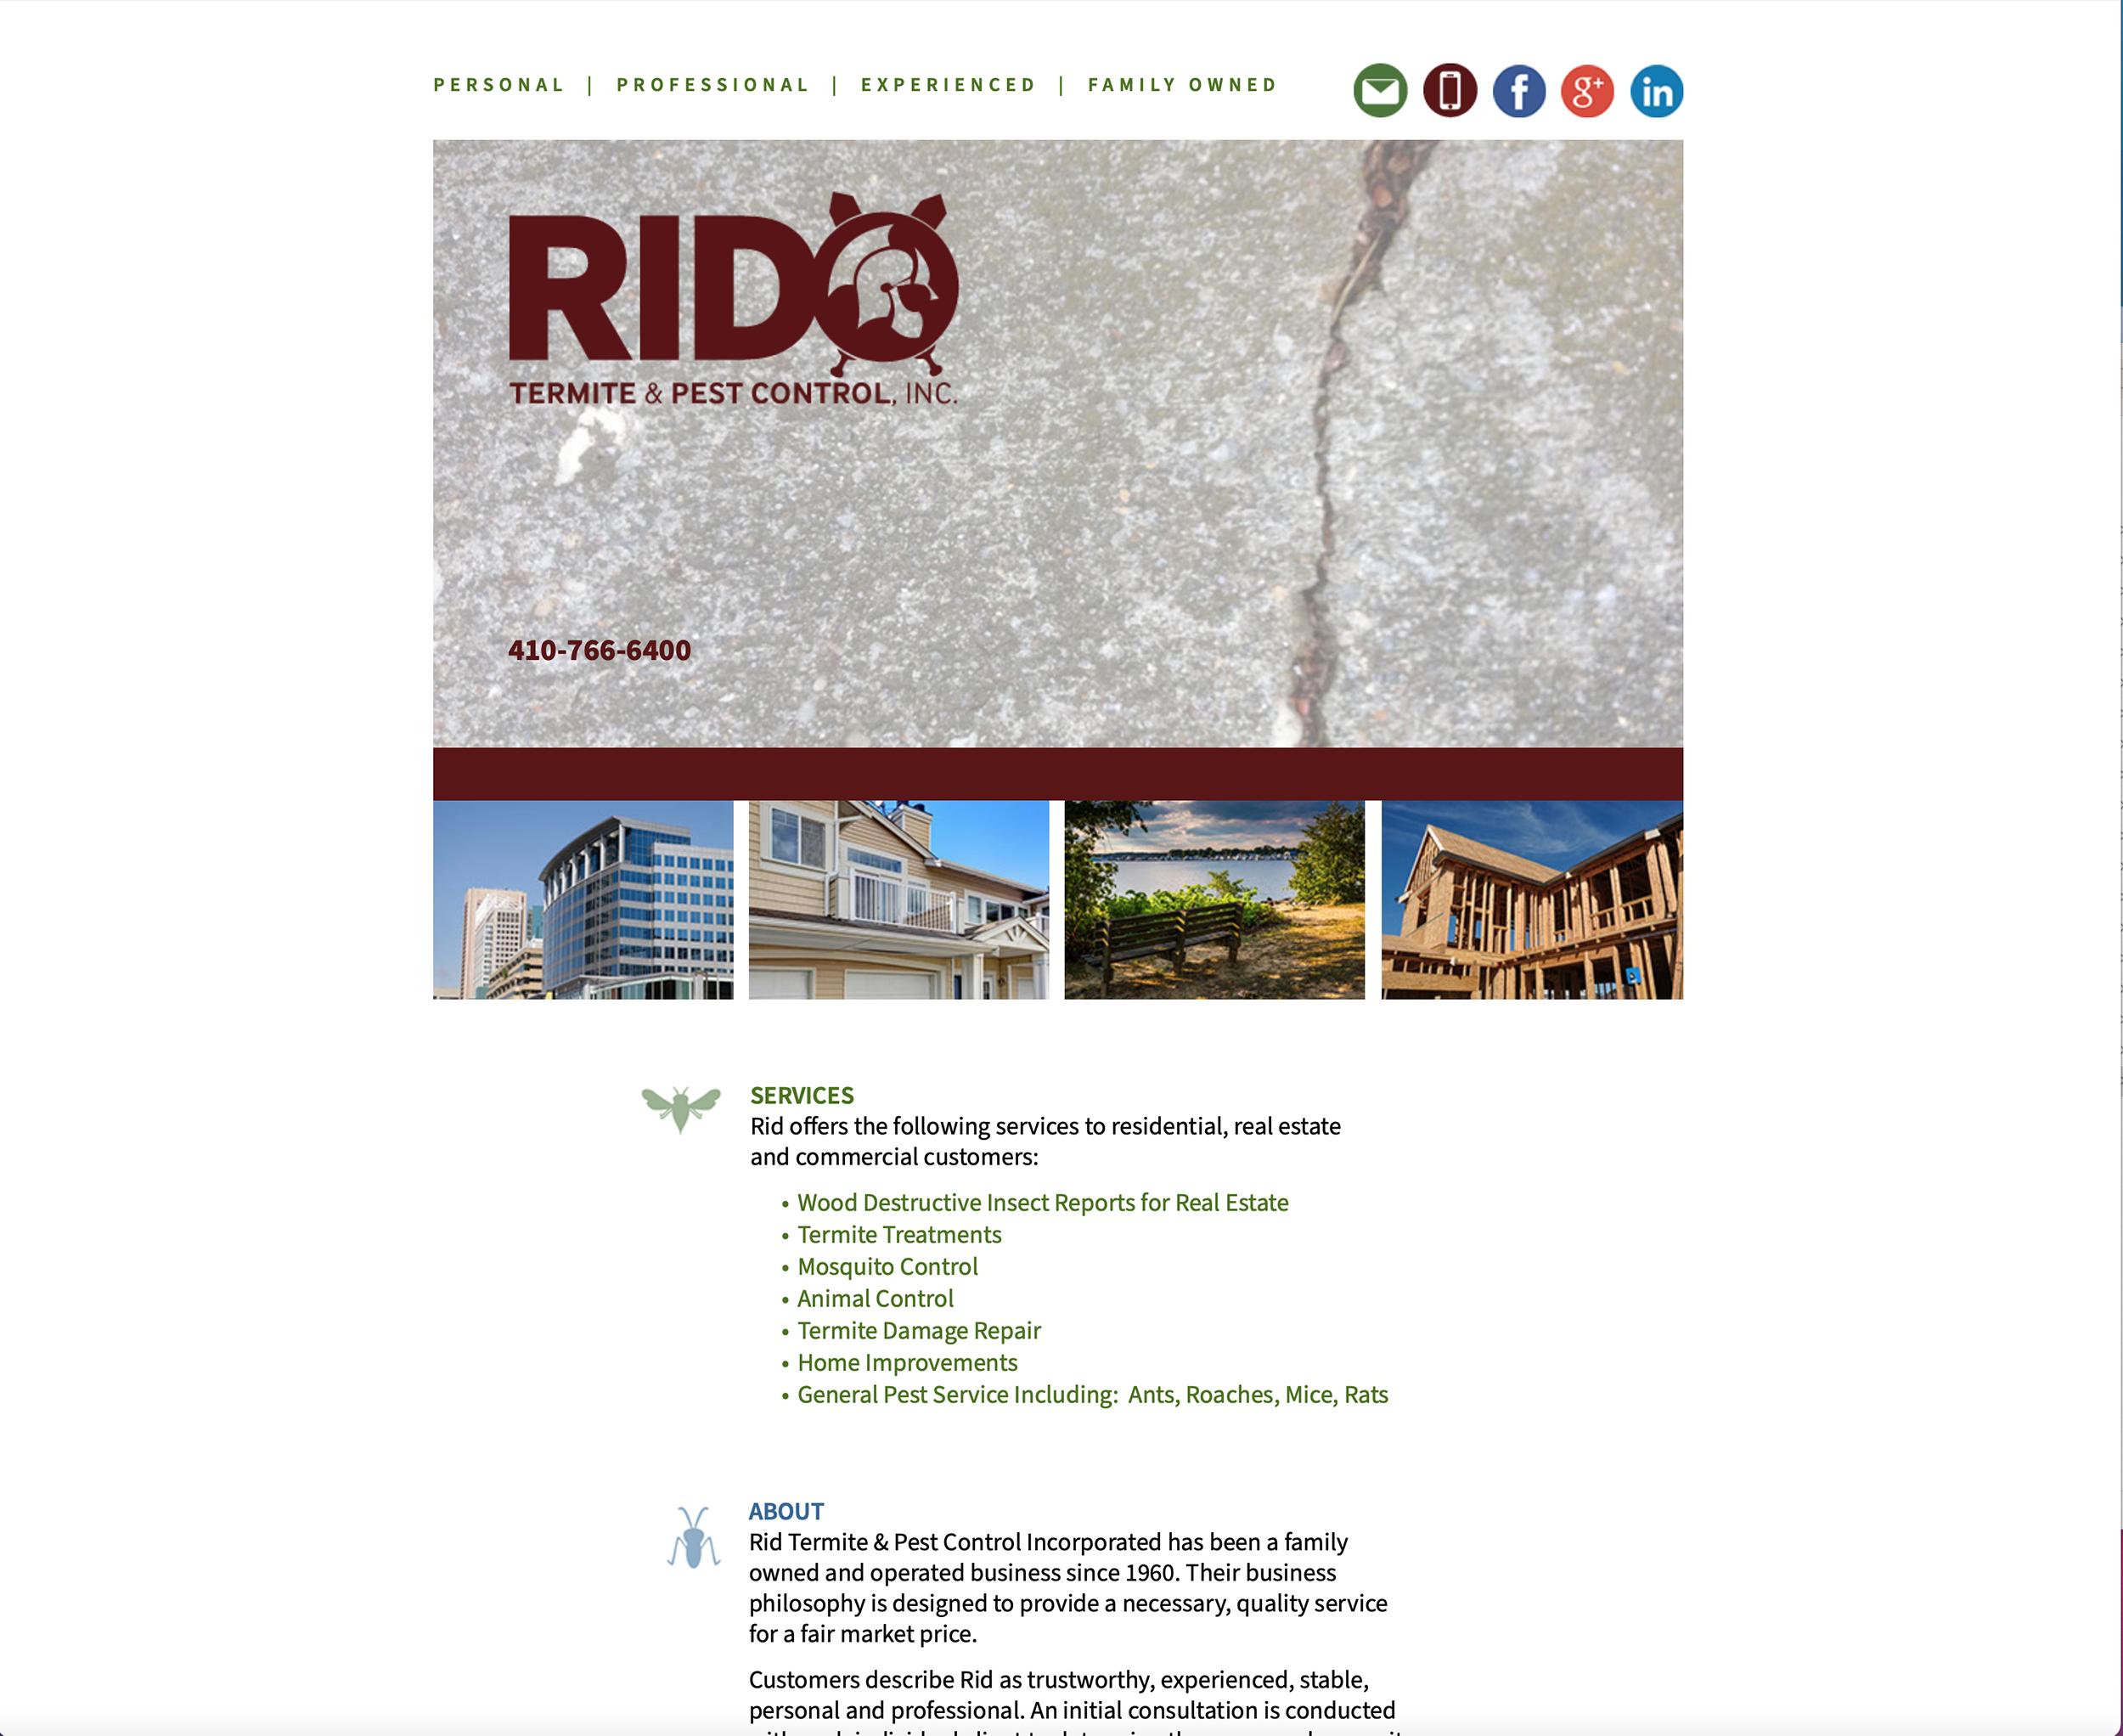 RID Termite & Pest Control Website